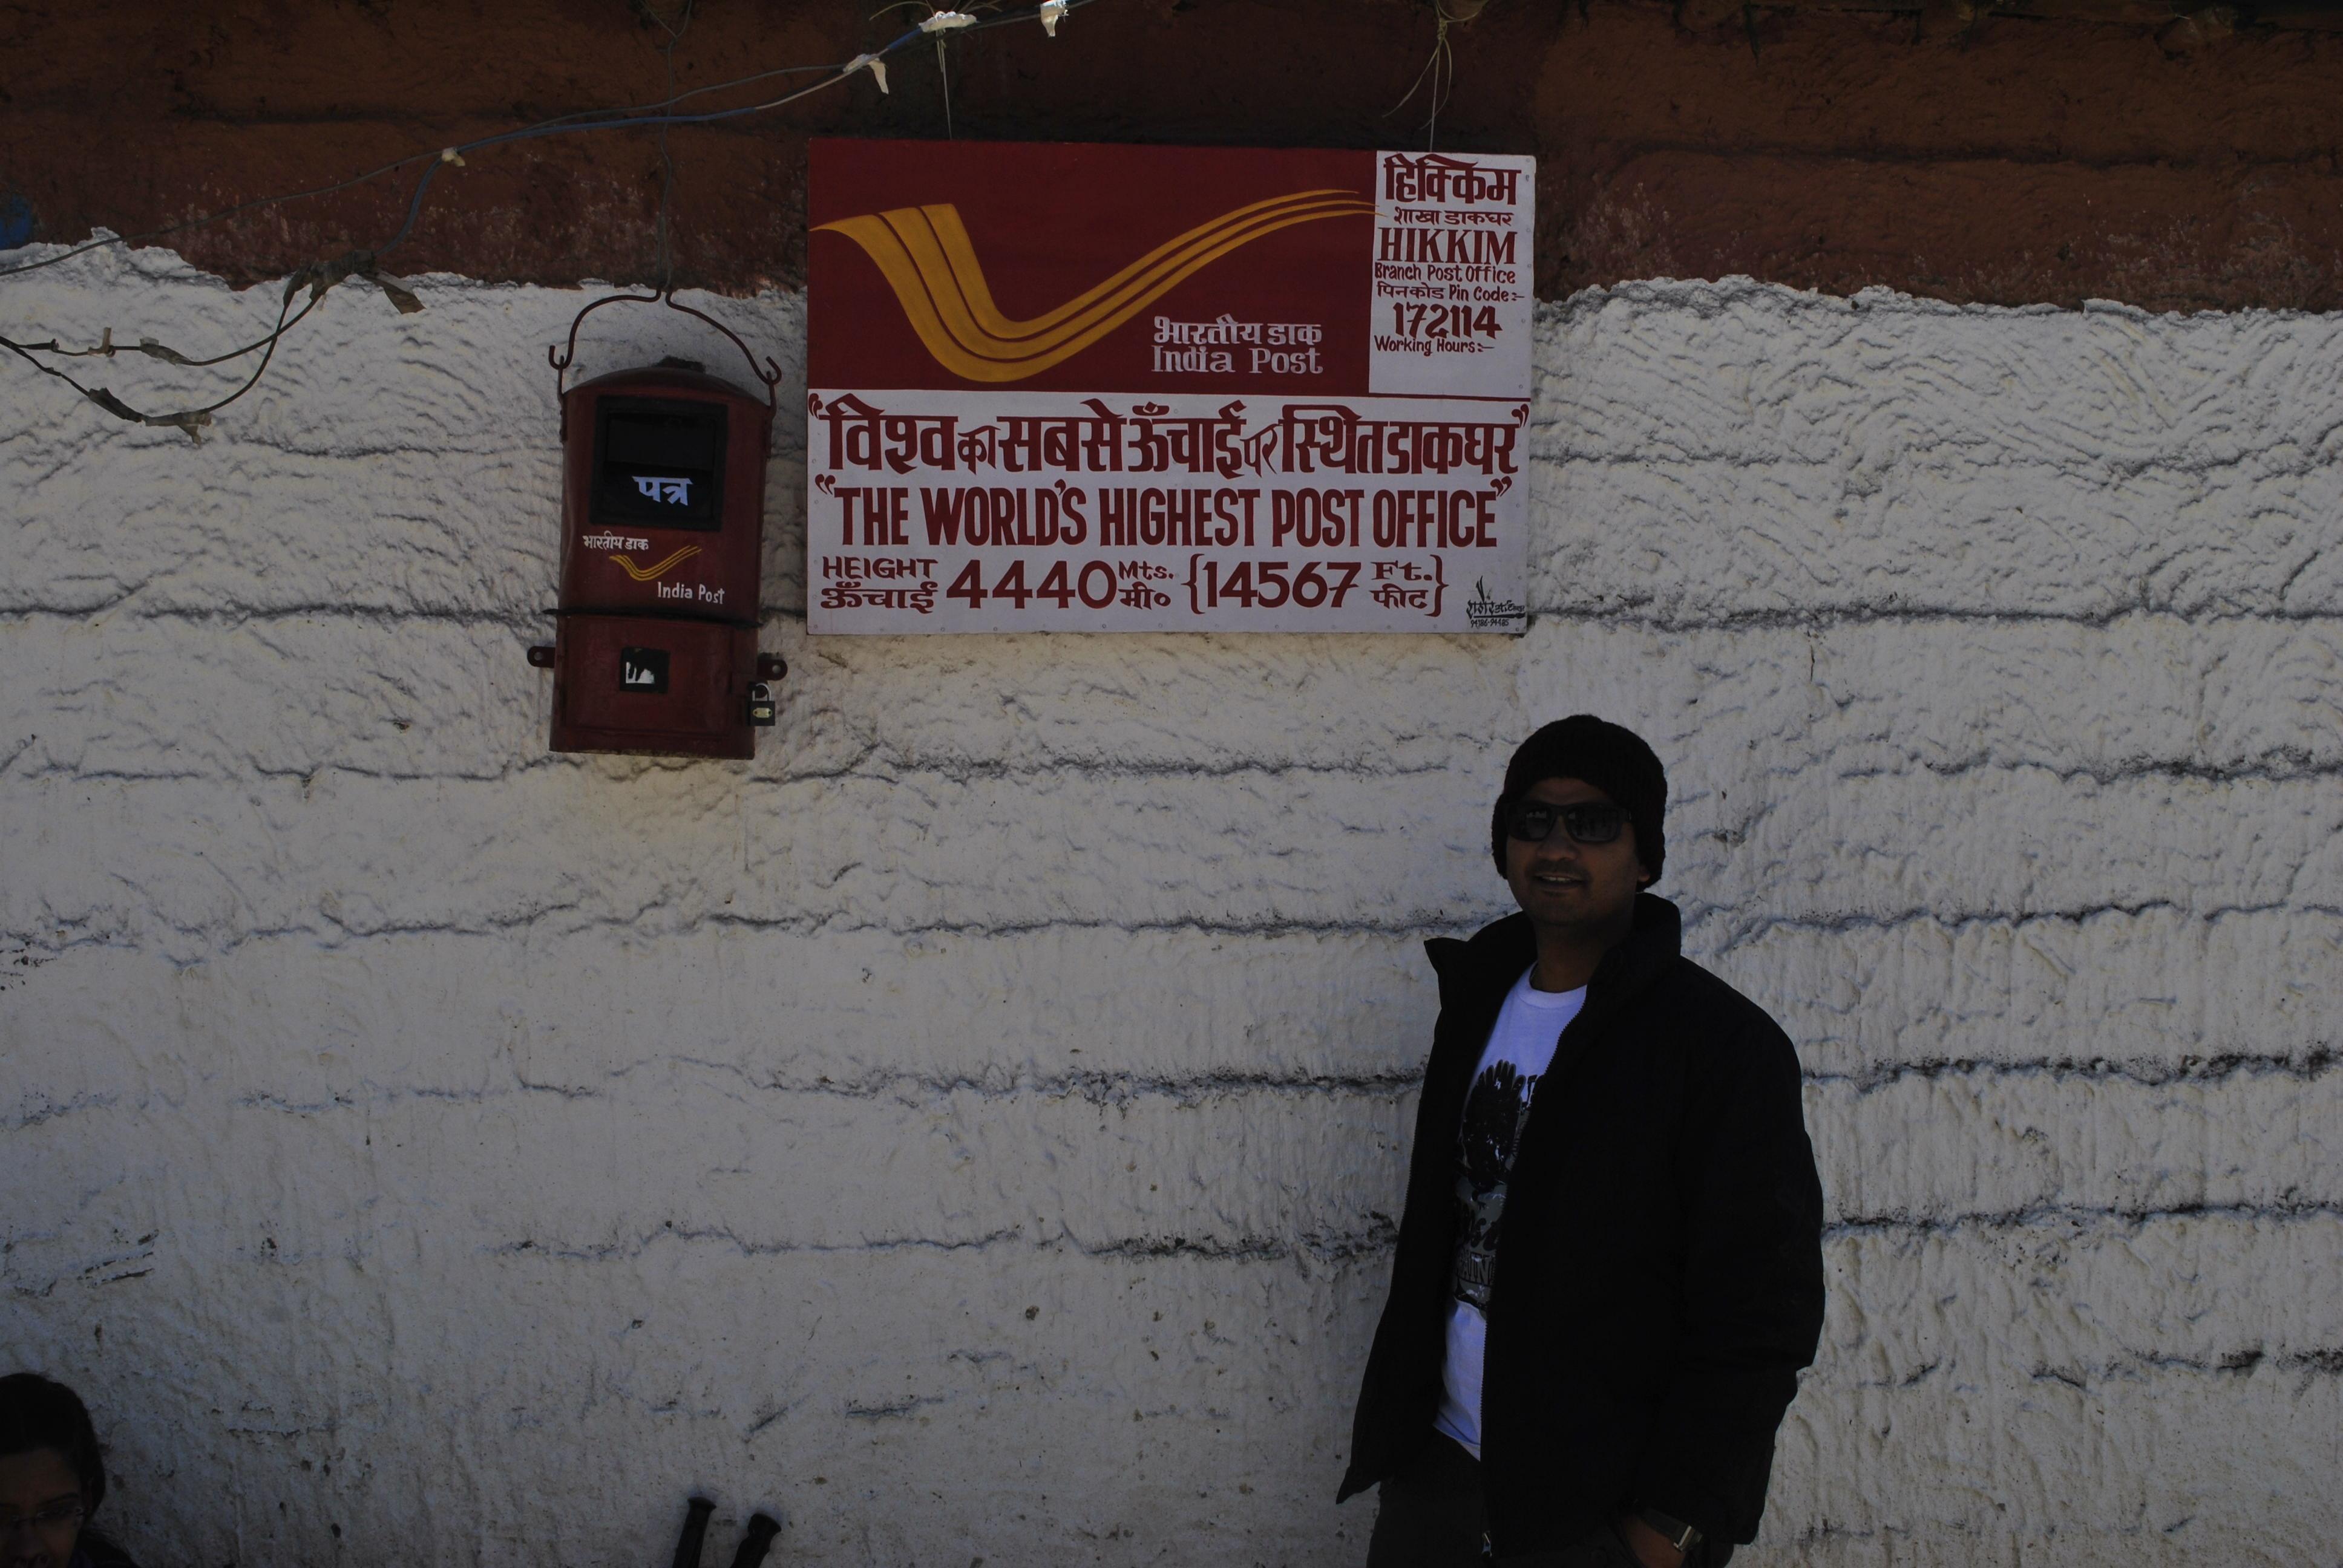 World's Highest Post Office at Hilkkim Village, Spiti Valley